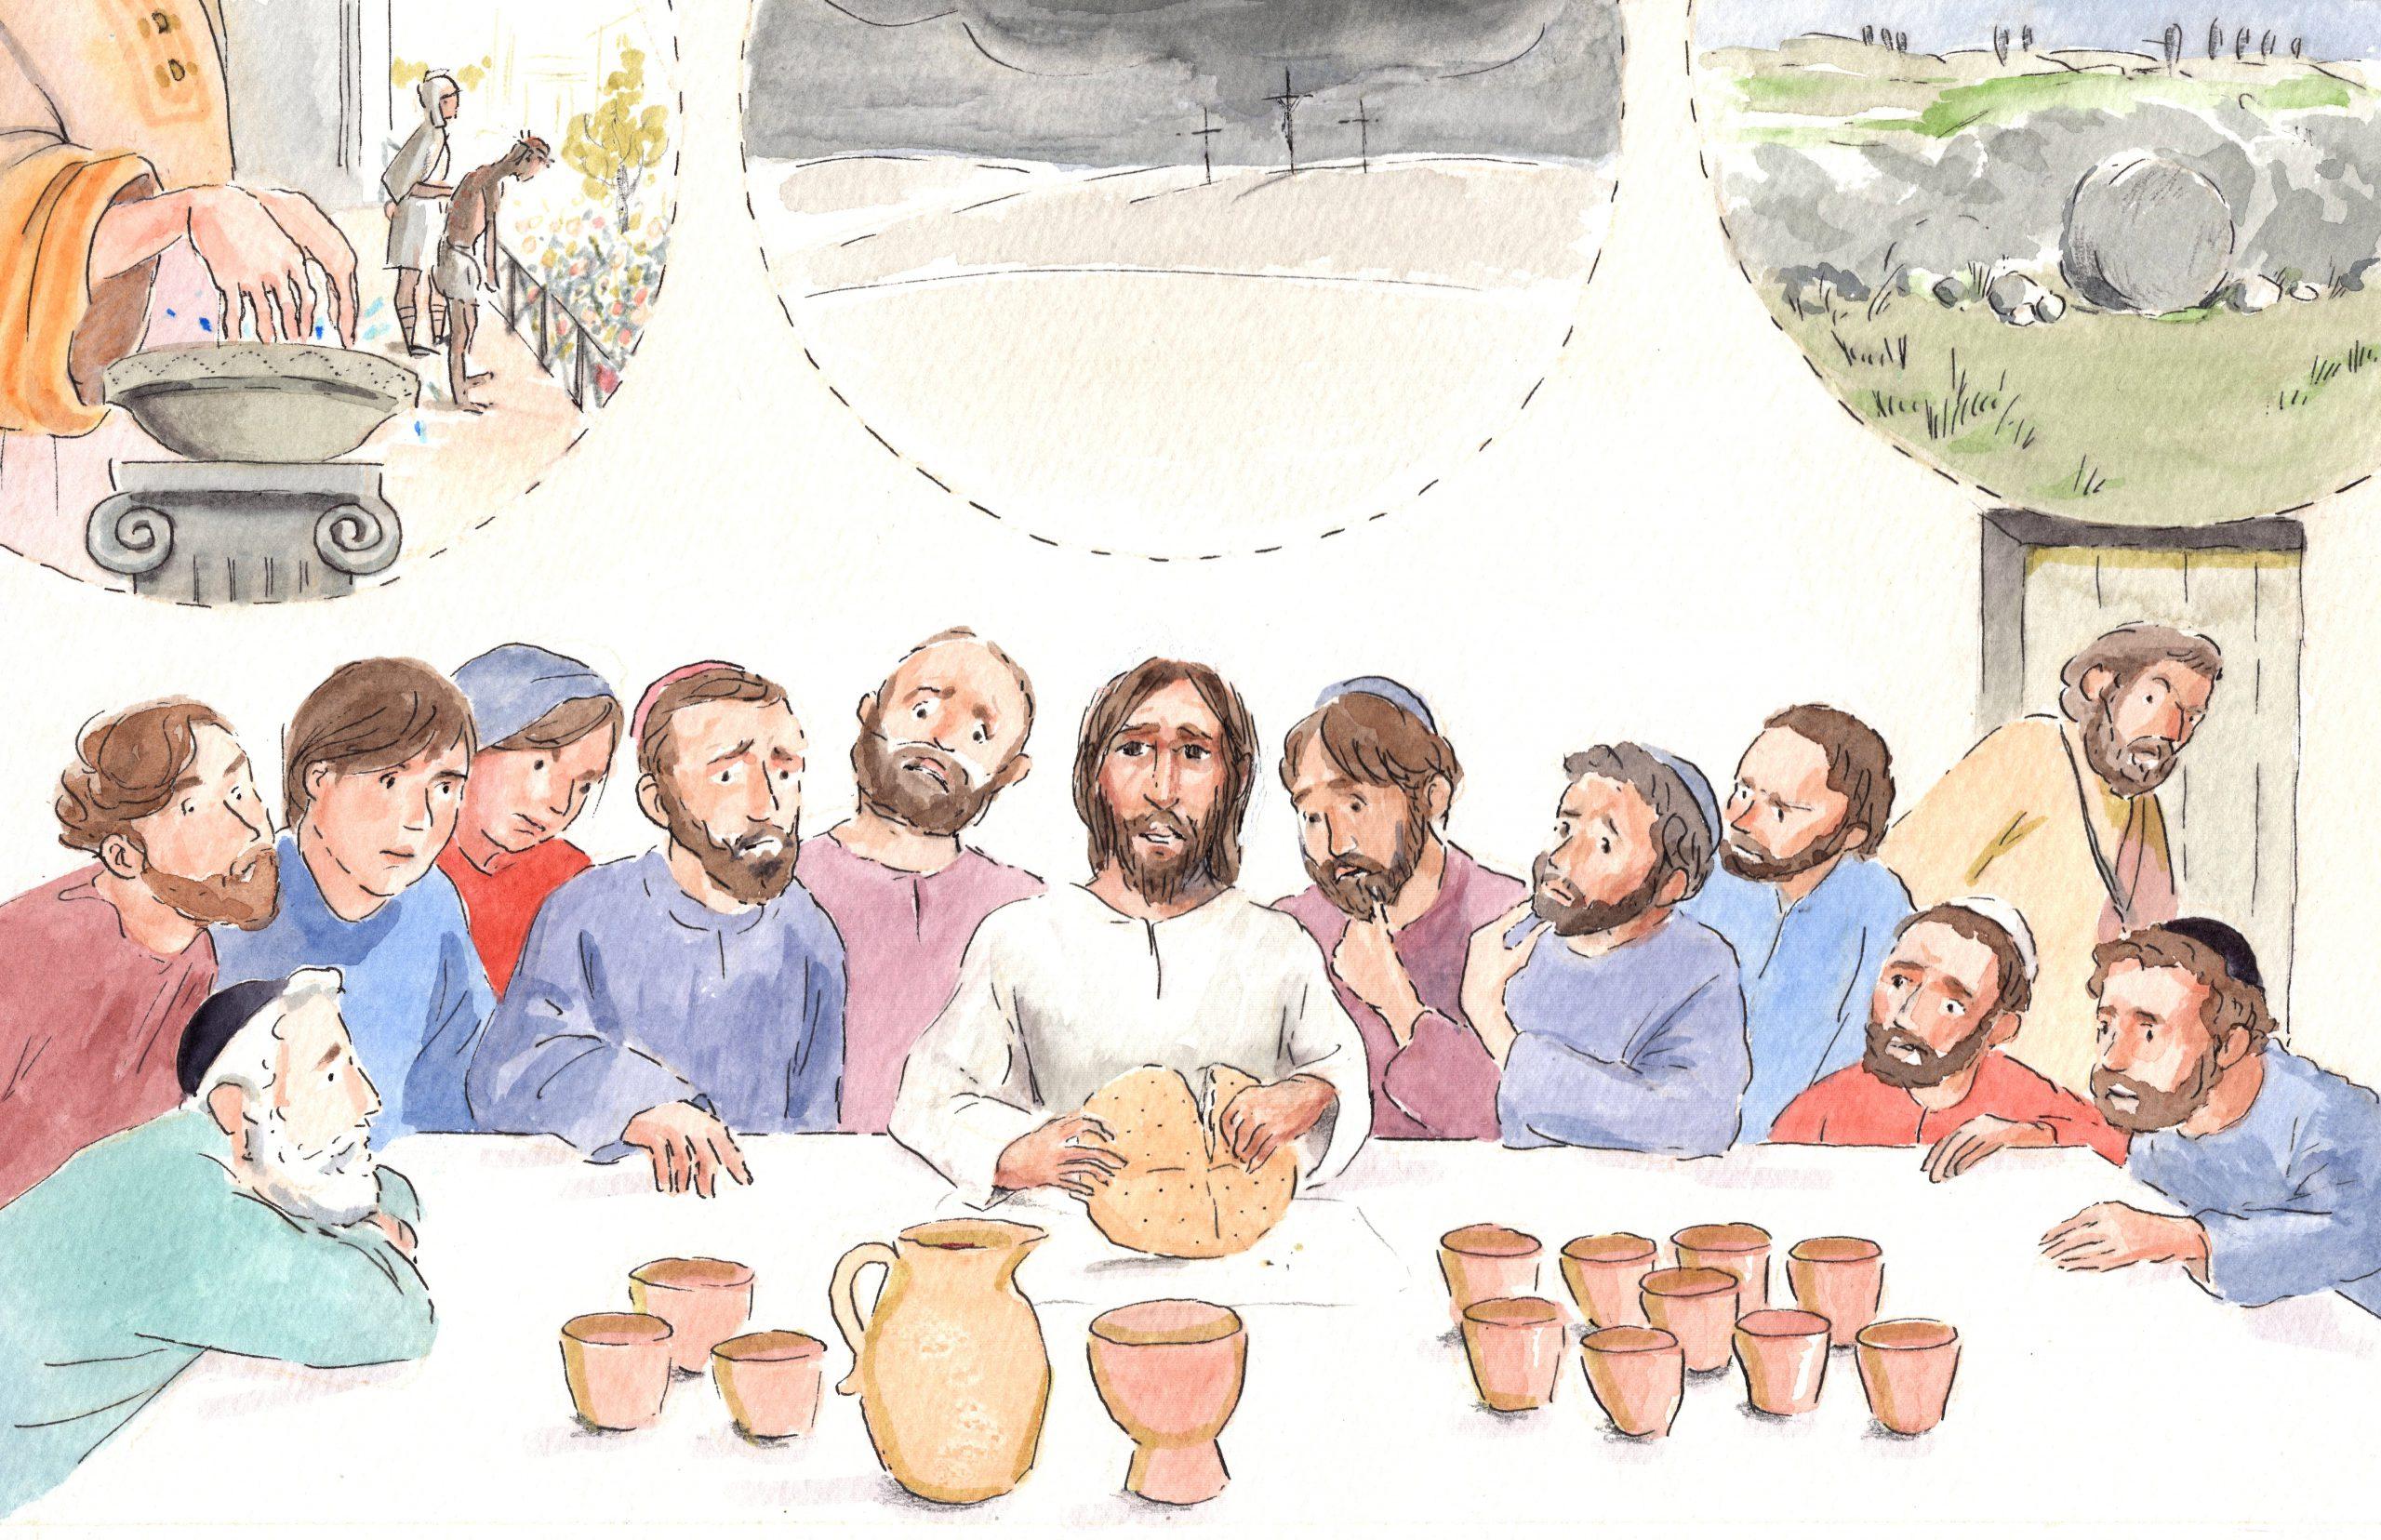 A.1.28 Jezus wordt veroordeeld